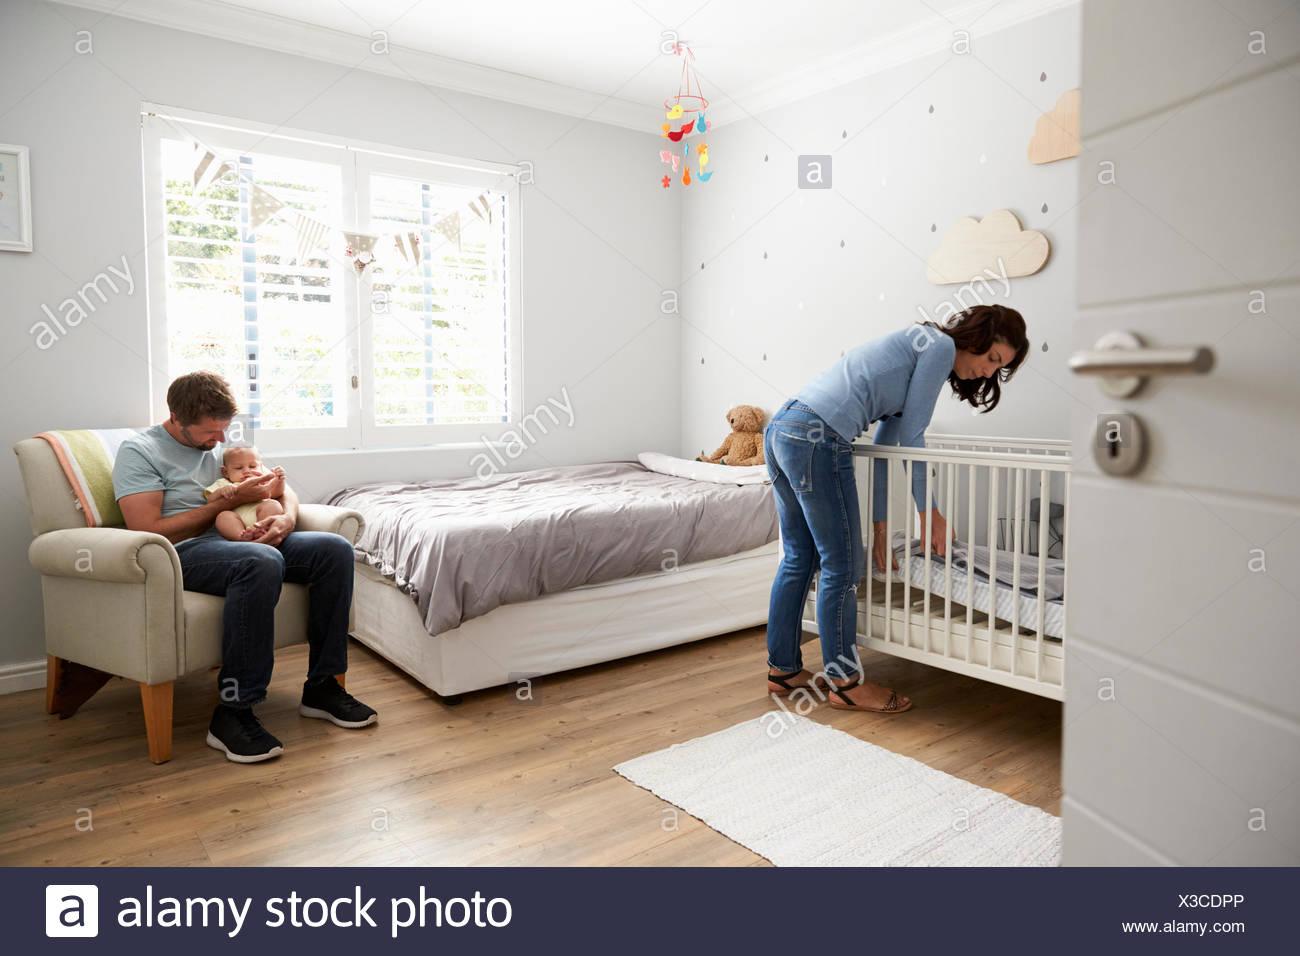 Madre Que Componen La Cama En Vivero Cuna Para Recien Nacido Hijo - Cunas-recien-nacidos